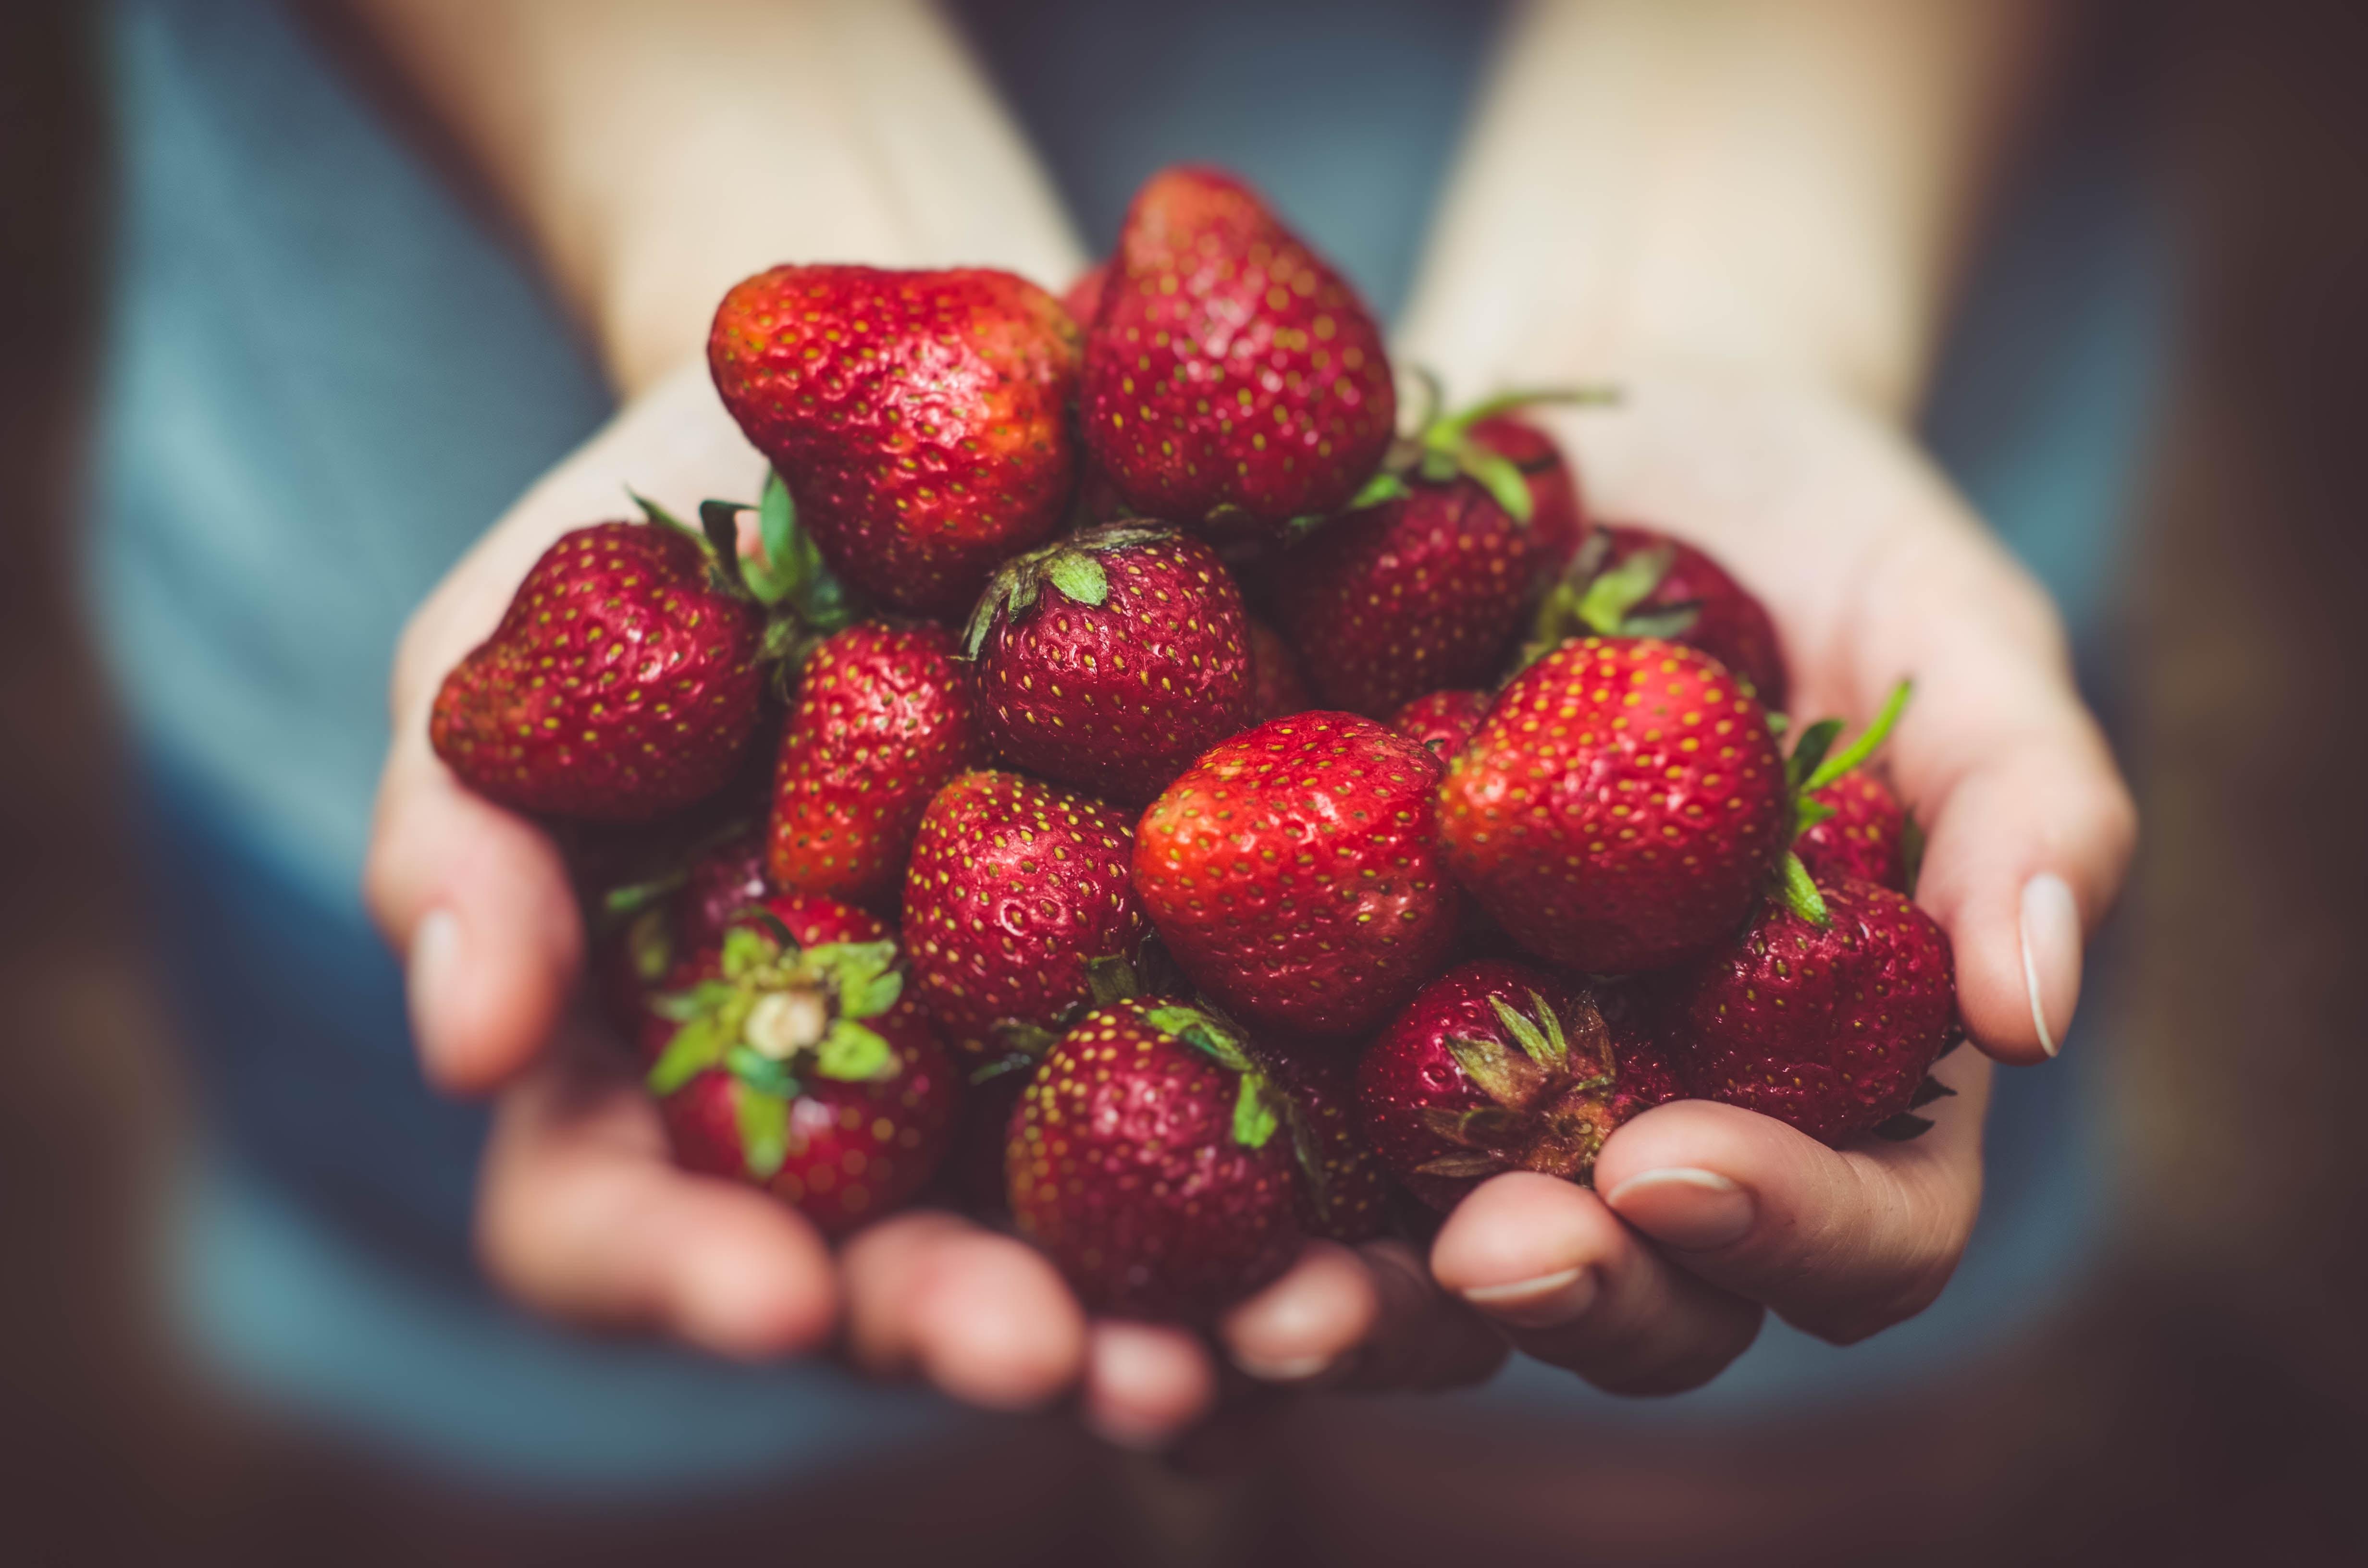 Jakie warzywa i owoce przechowywać w lodówce?